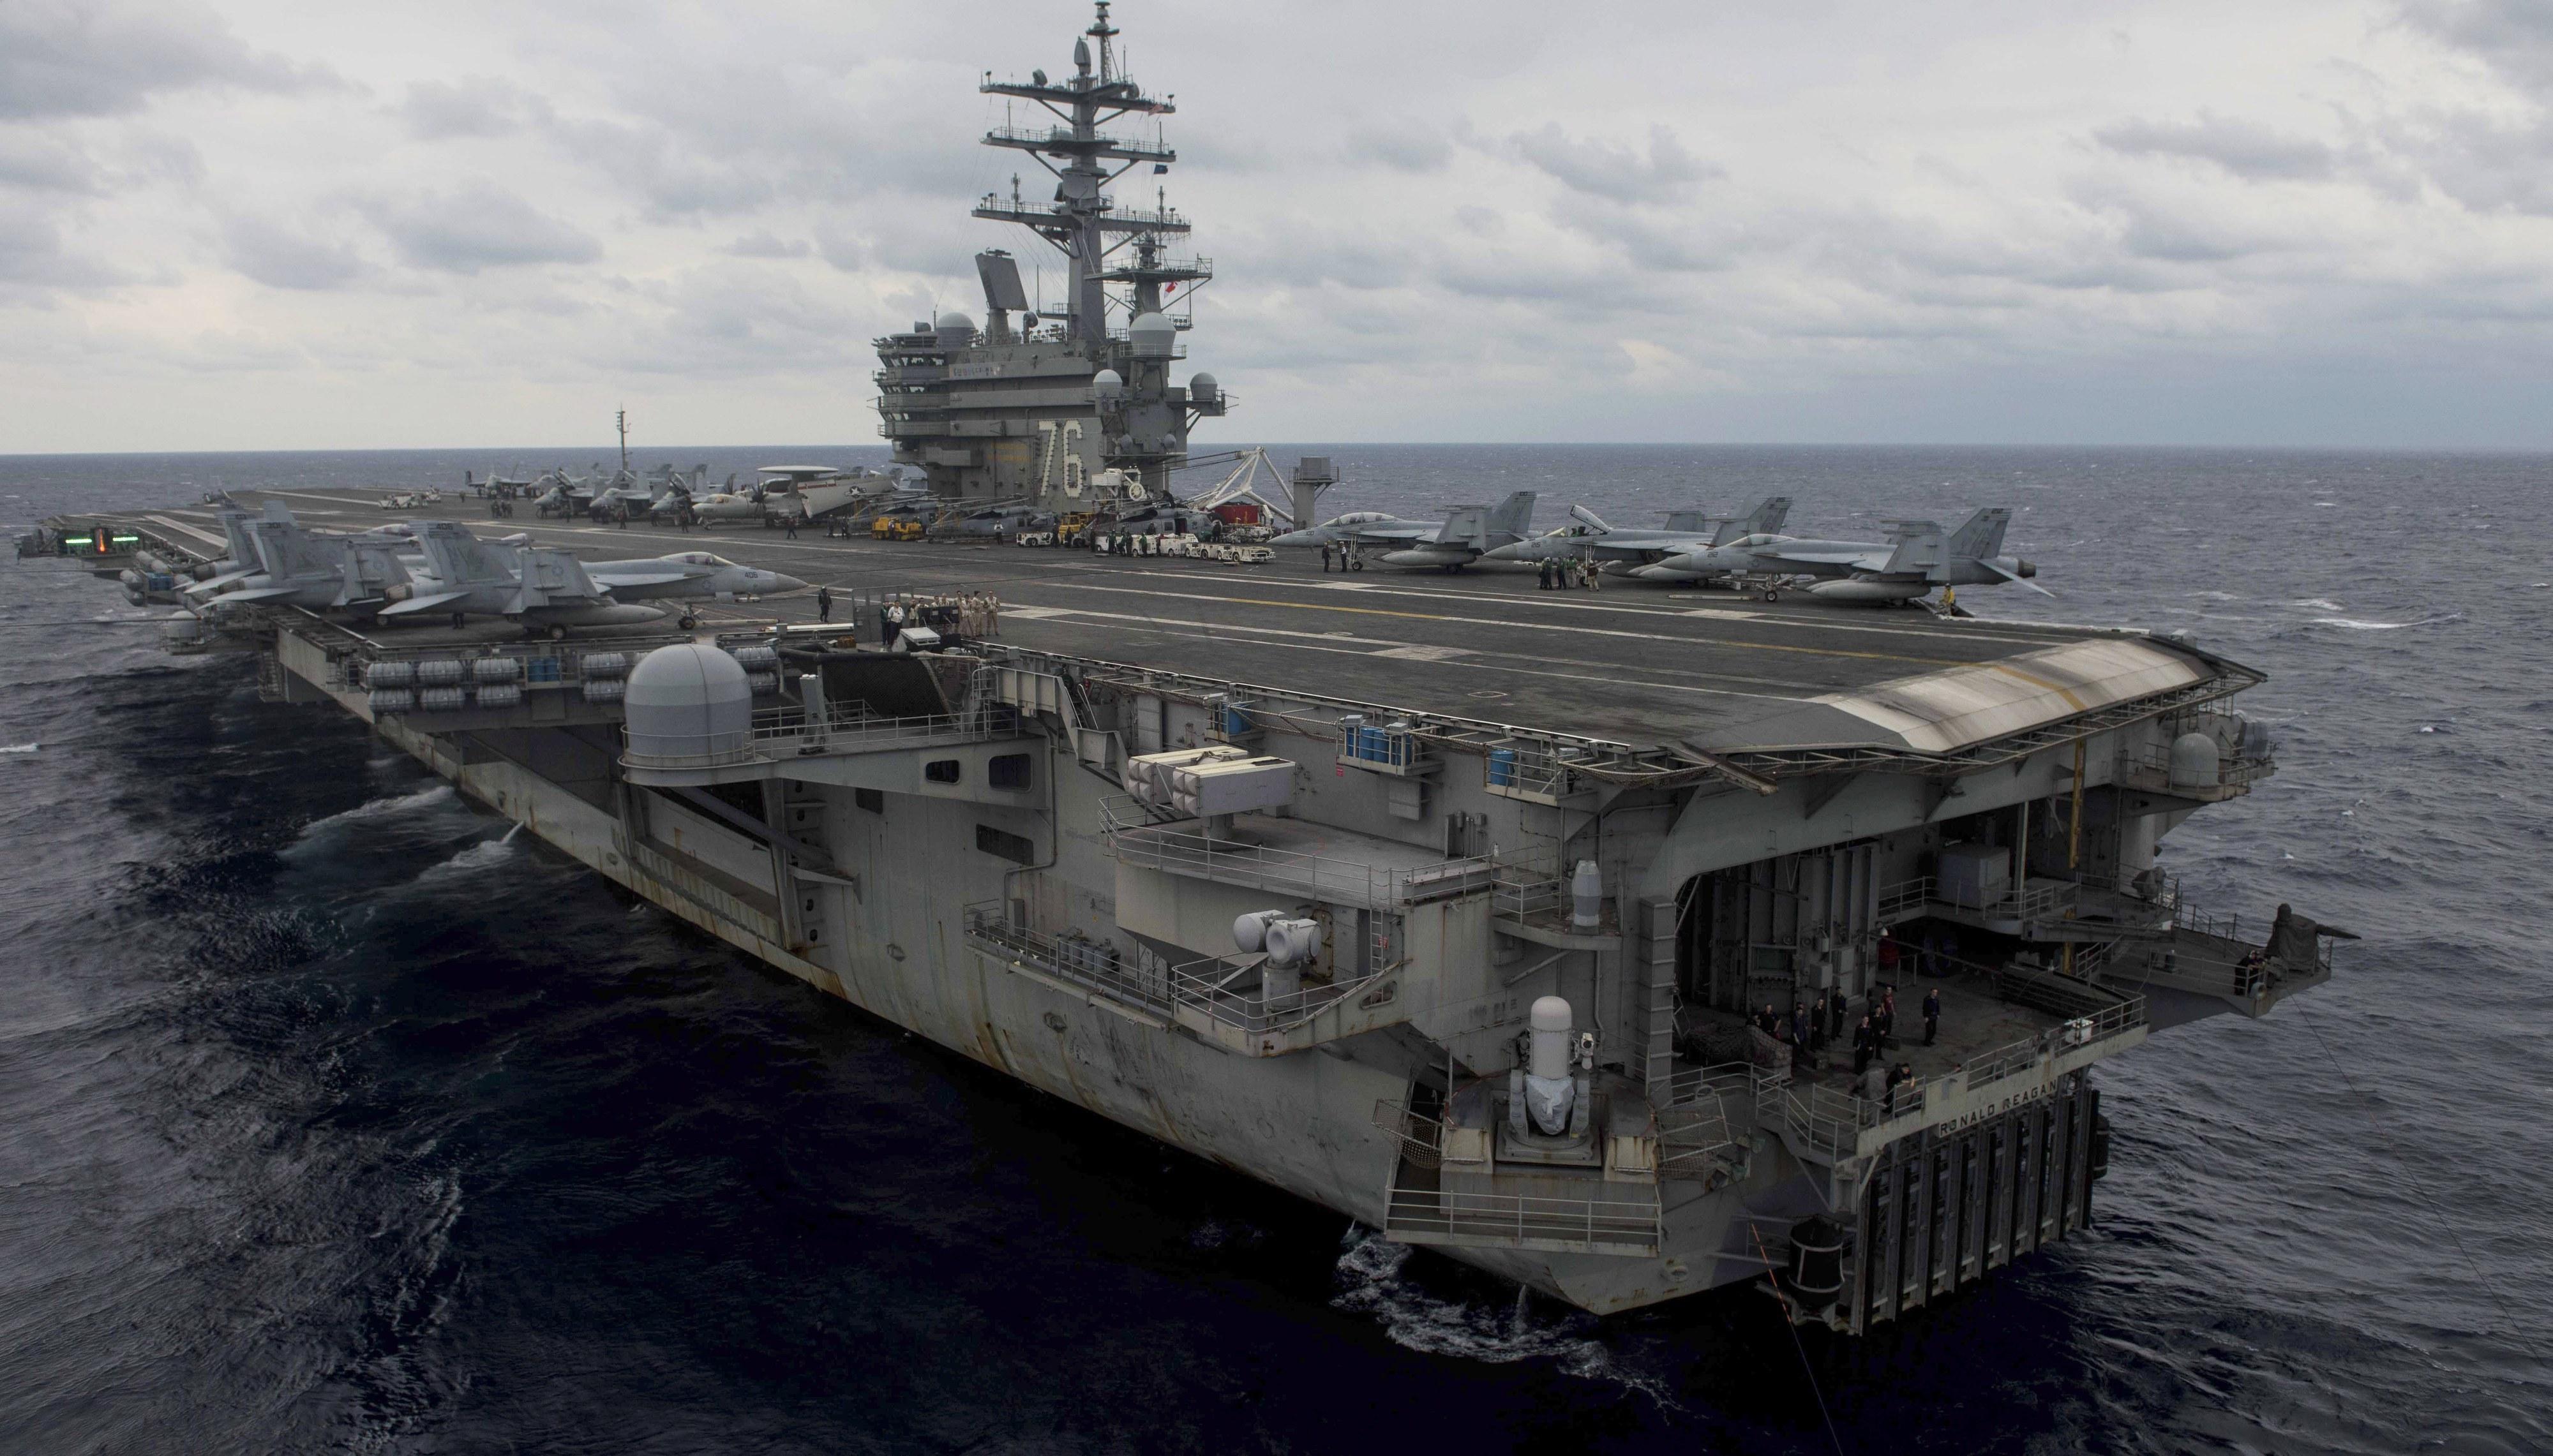 Avião militar norte-americano despenha-se no Pacífico. Oito pessoas resgatadas